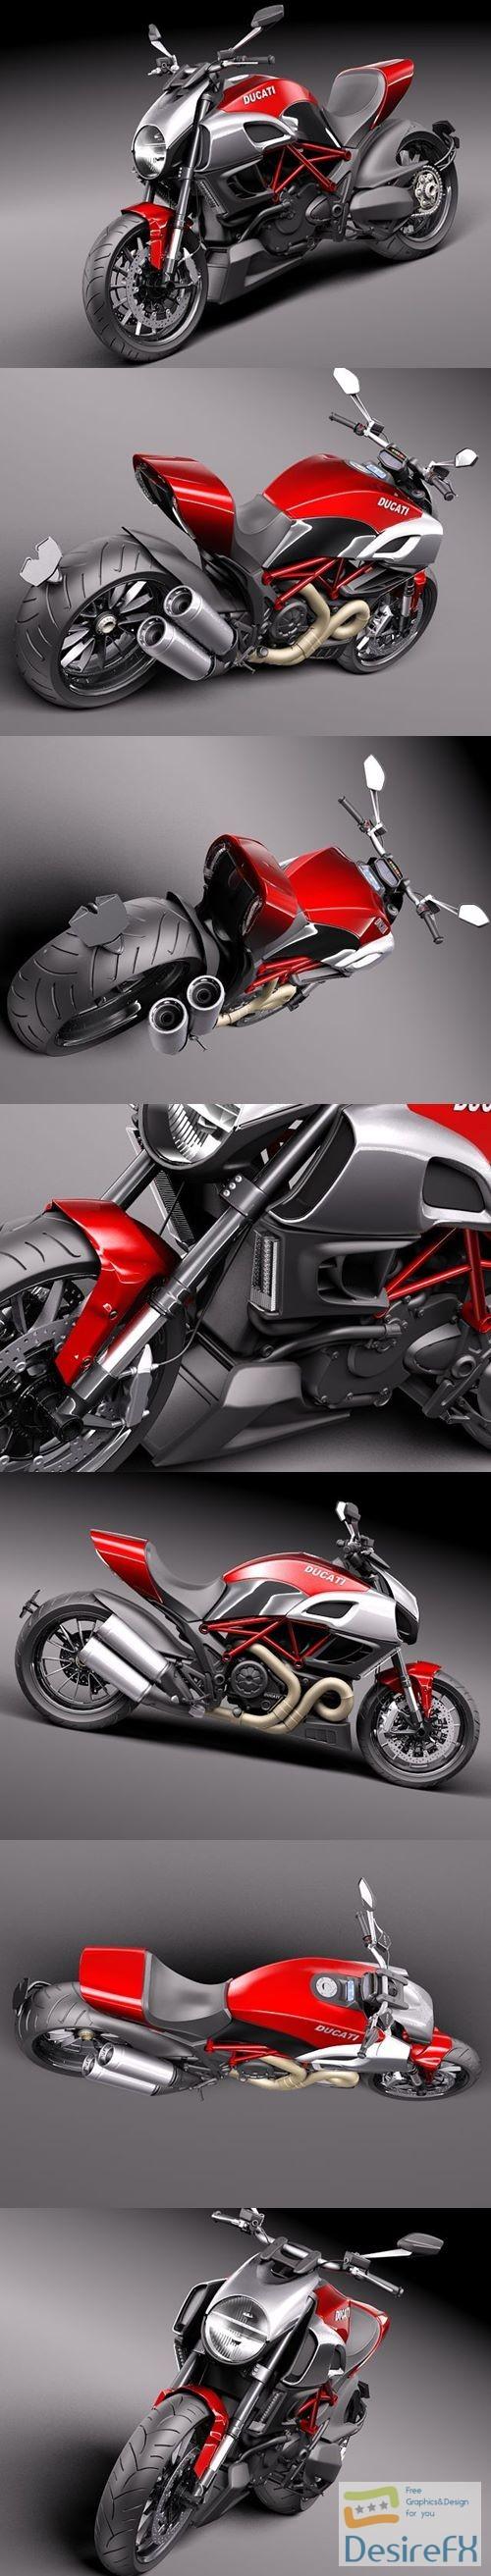 Ducati Diavel 2011 3D Model